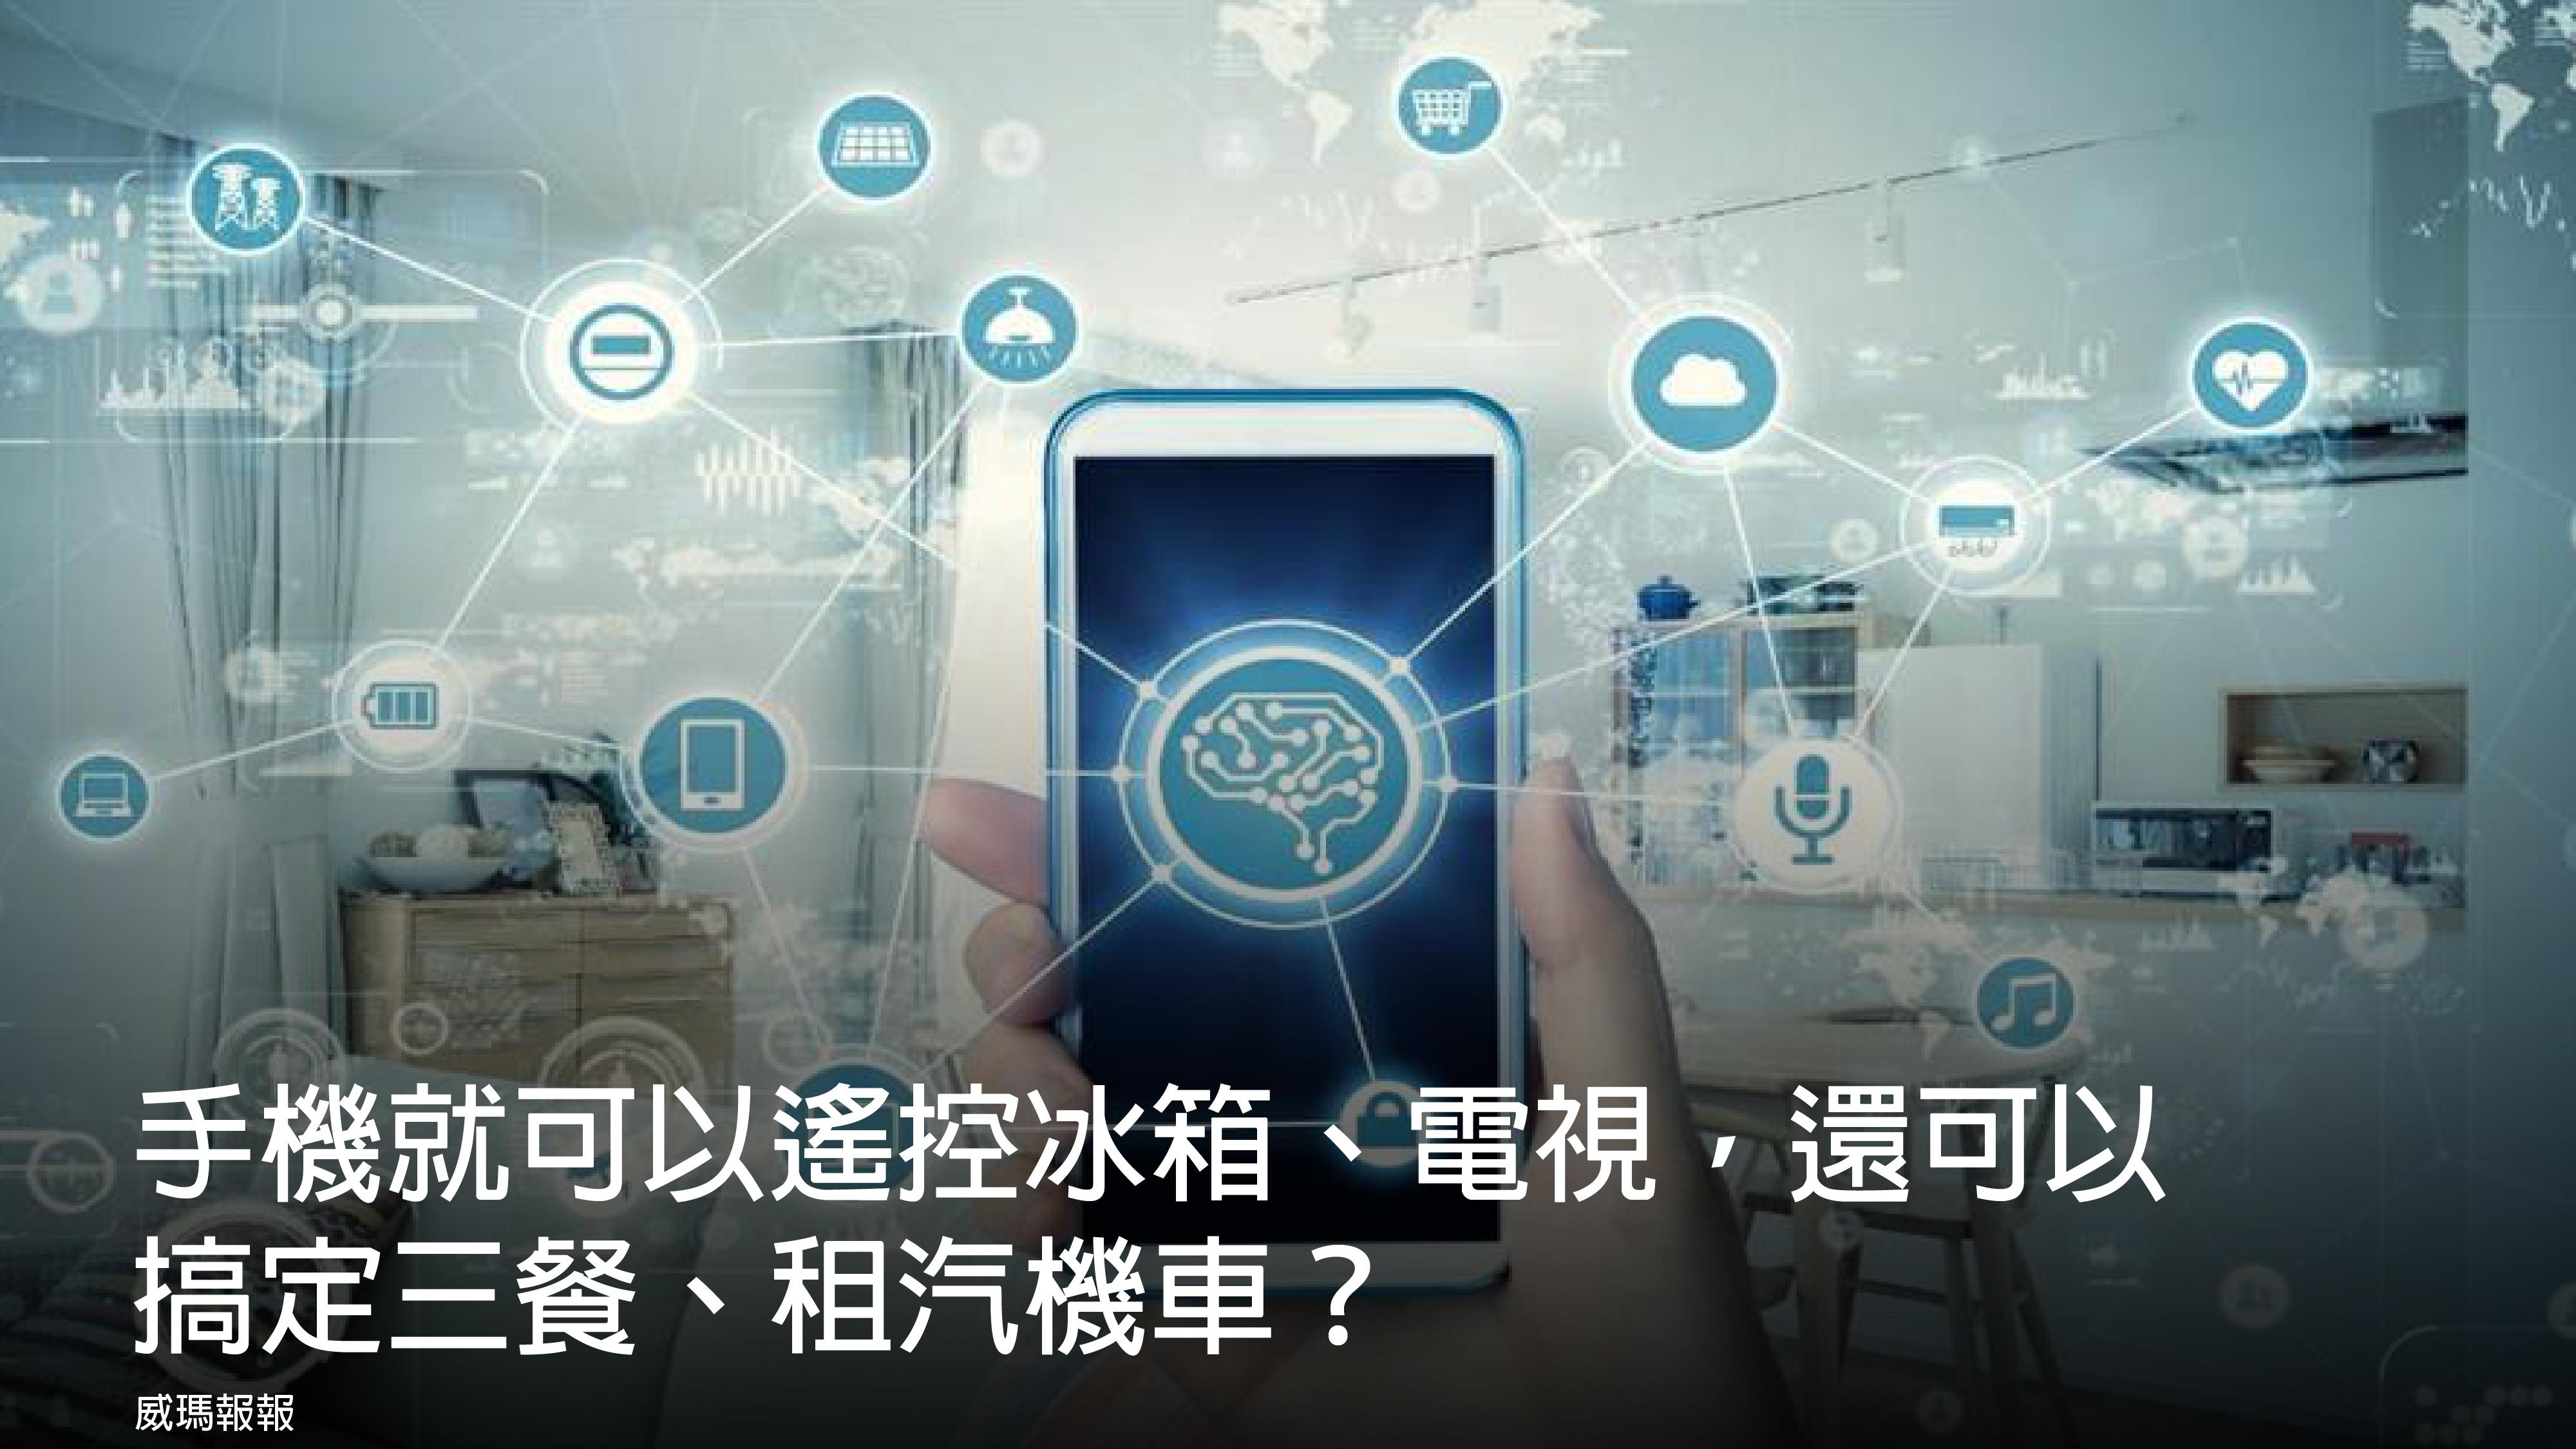 手機就可以遙控冰箱、電視,還可以搞定三餐、租汽機車?  科技生活的發展速度和影響力超乎你的想像!